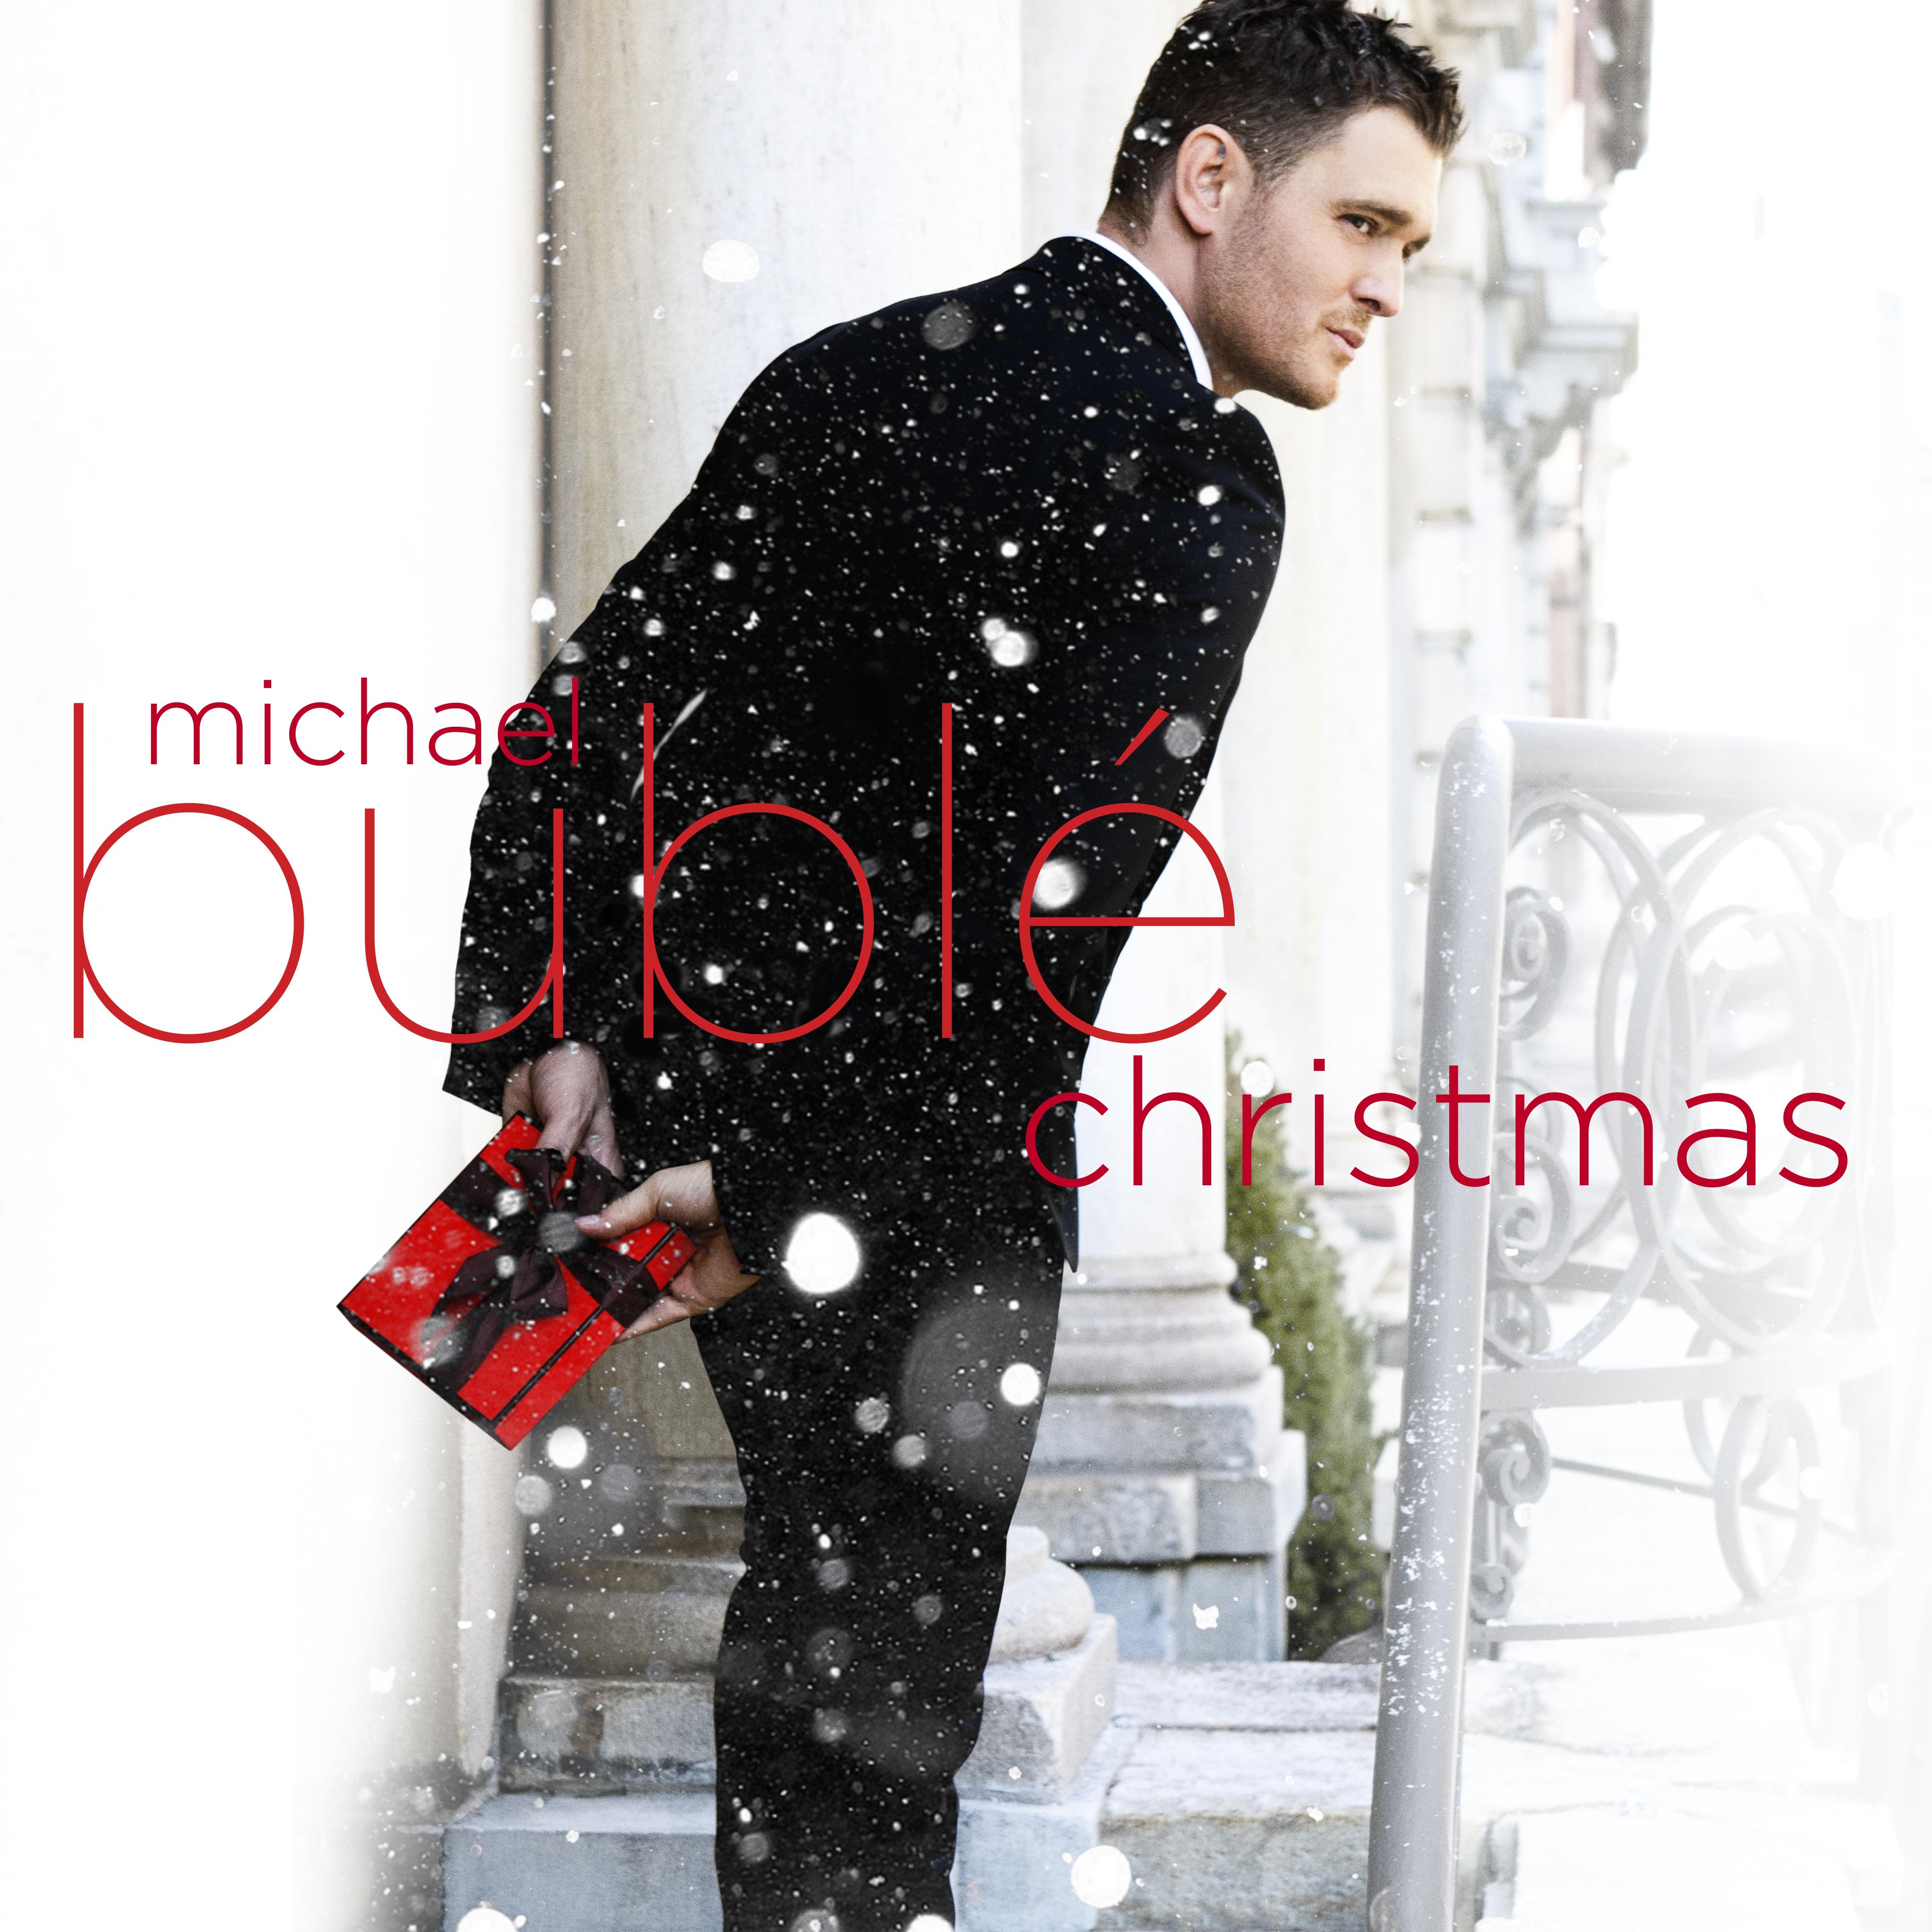 michael buble christmas album musique de noel